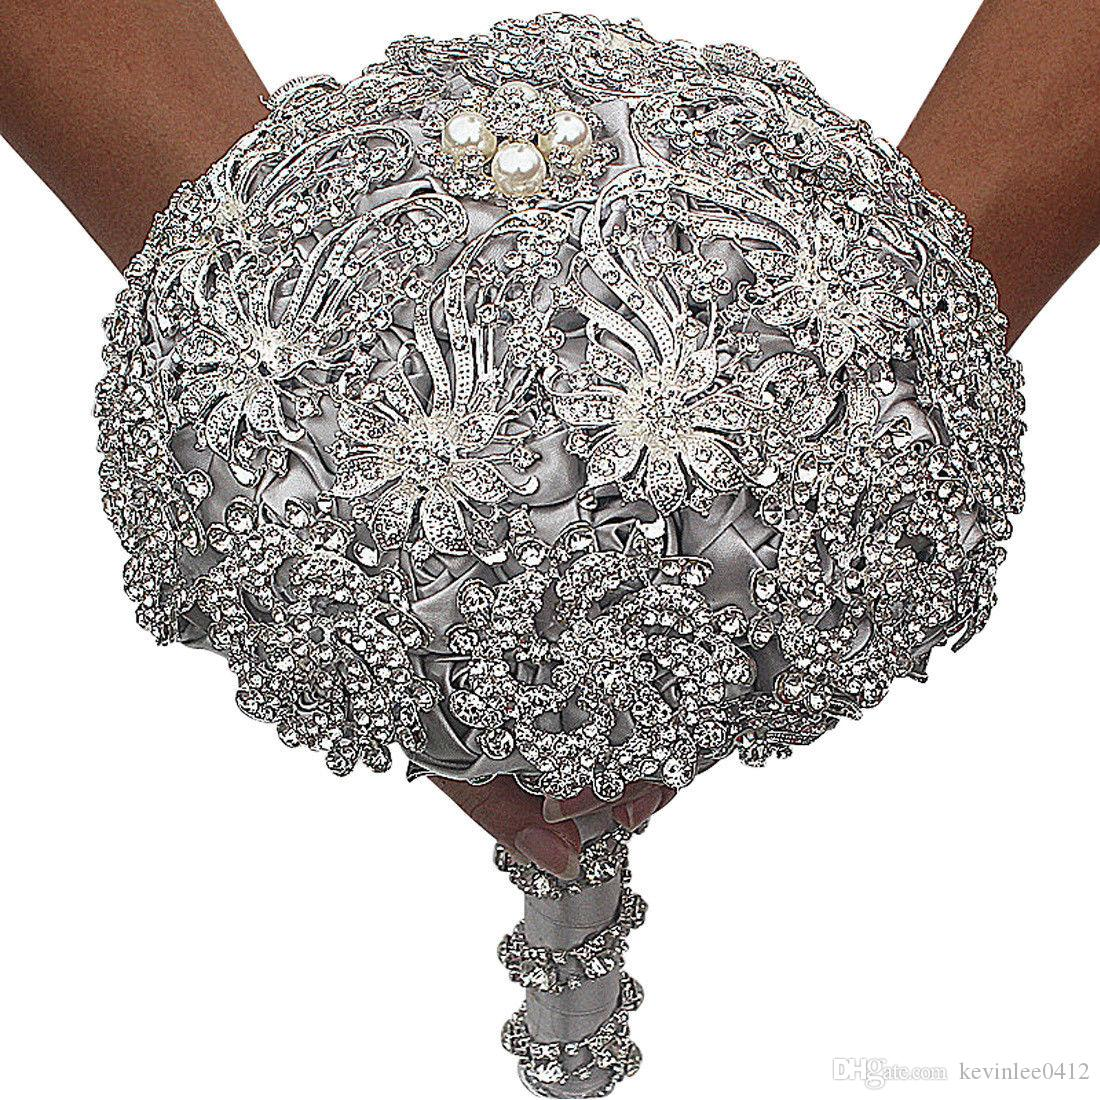 Cristal de luxe perles mariée mariage fleur bouquet bouquet broche brise main fleurs brouillard faveurs main tenant la décoration à la main